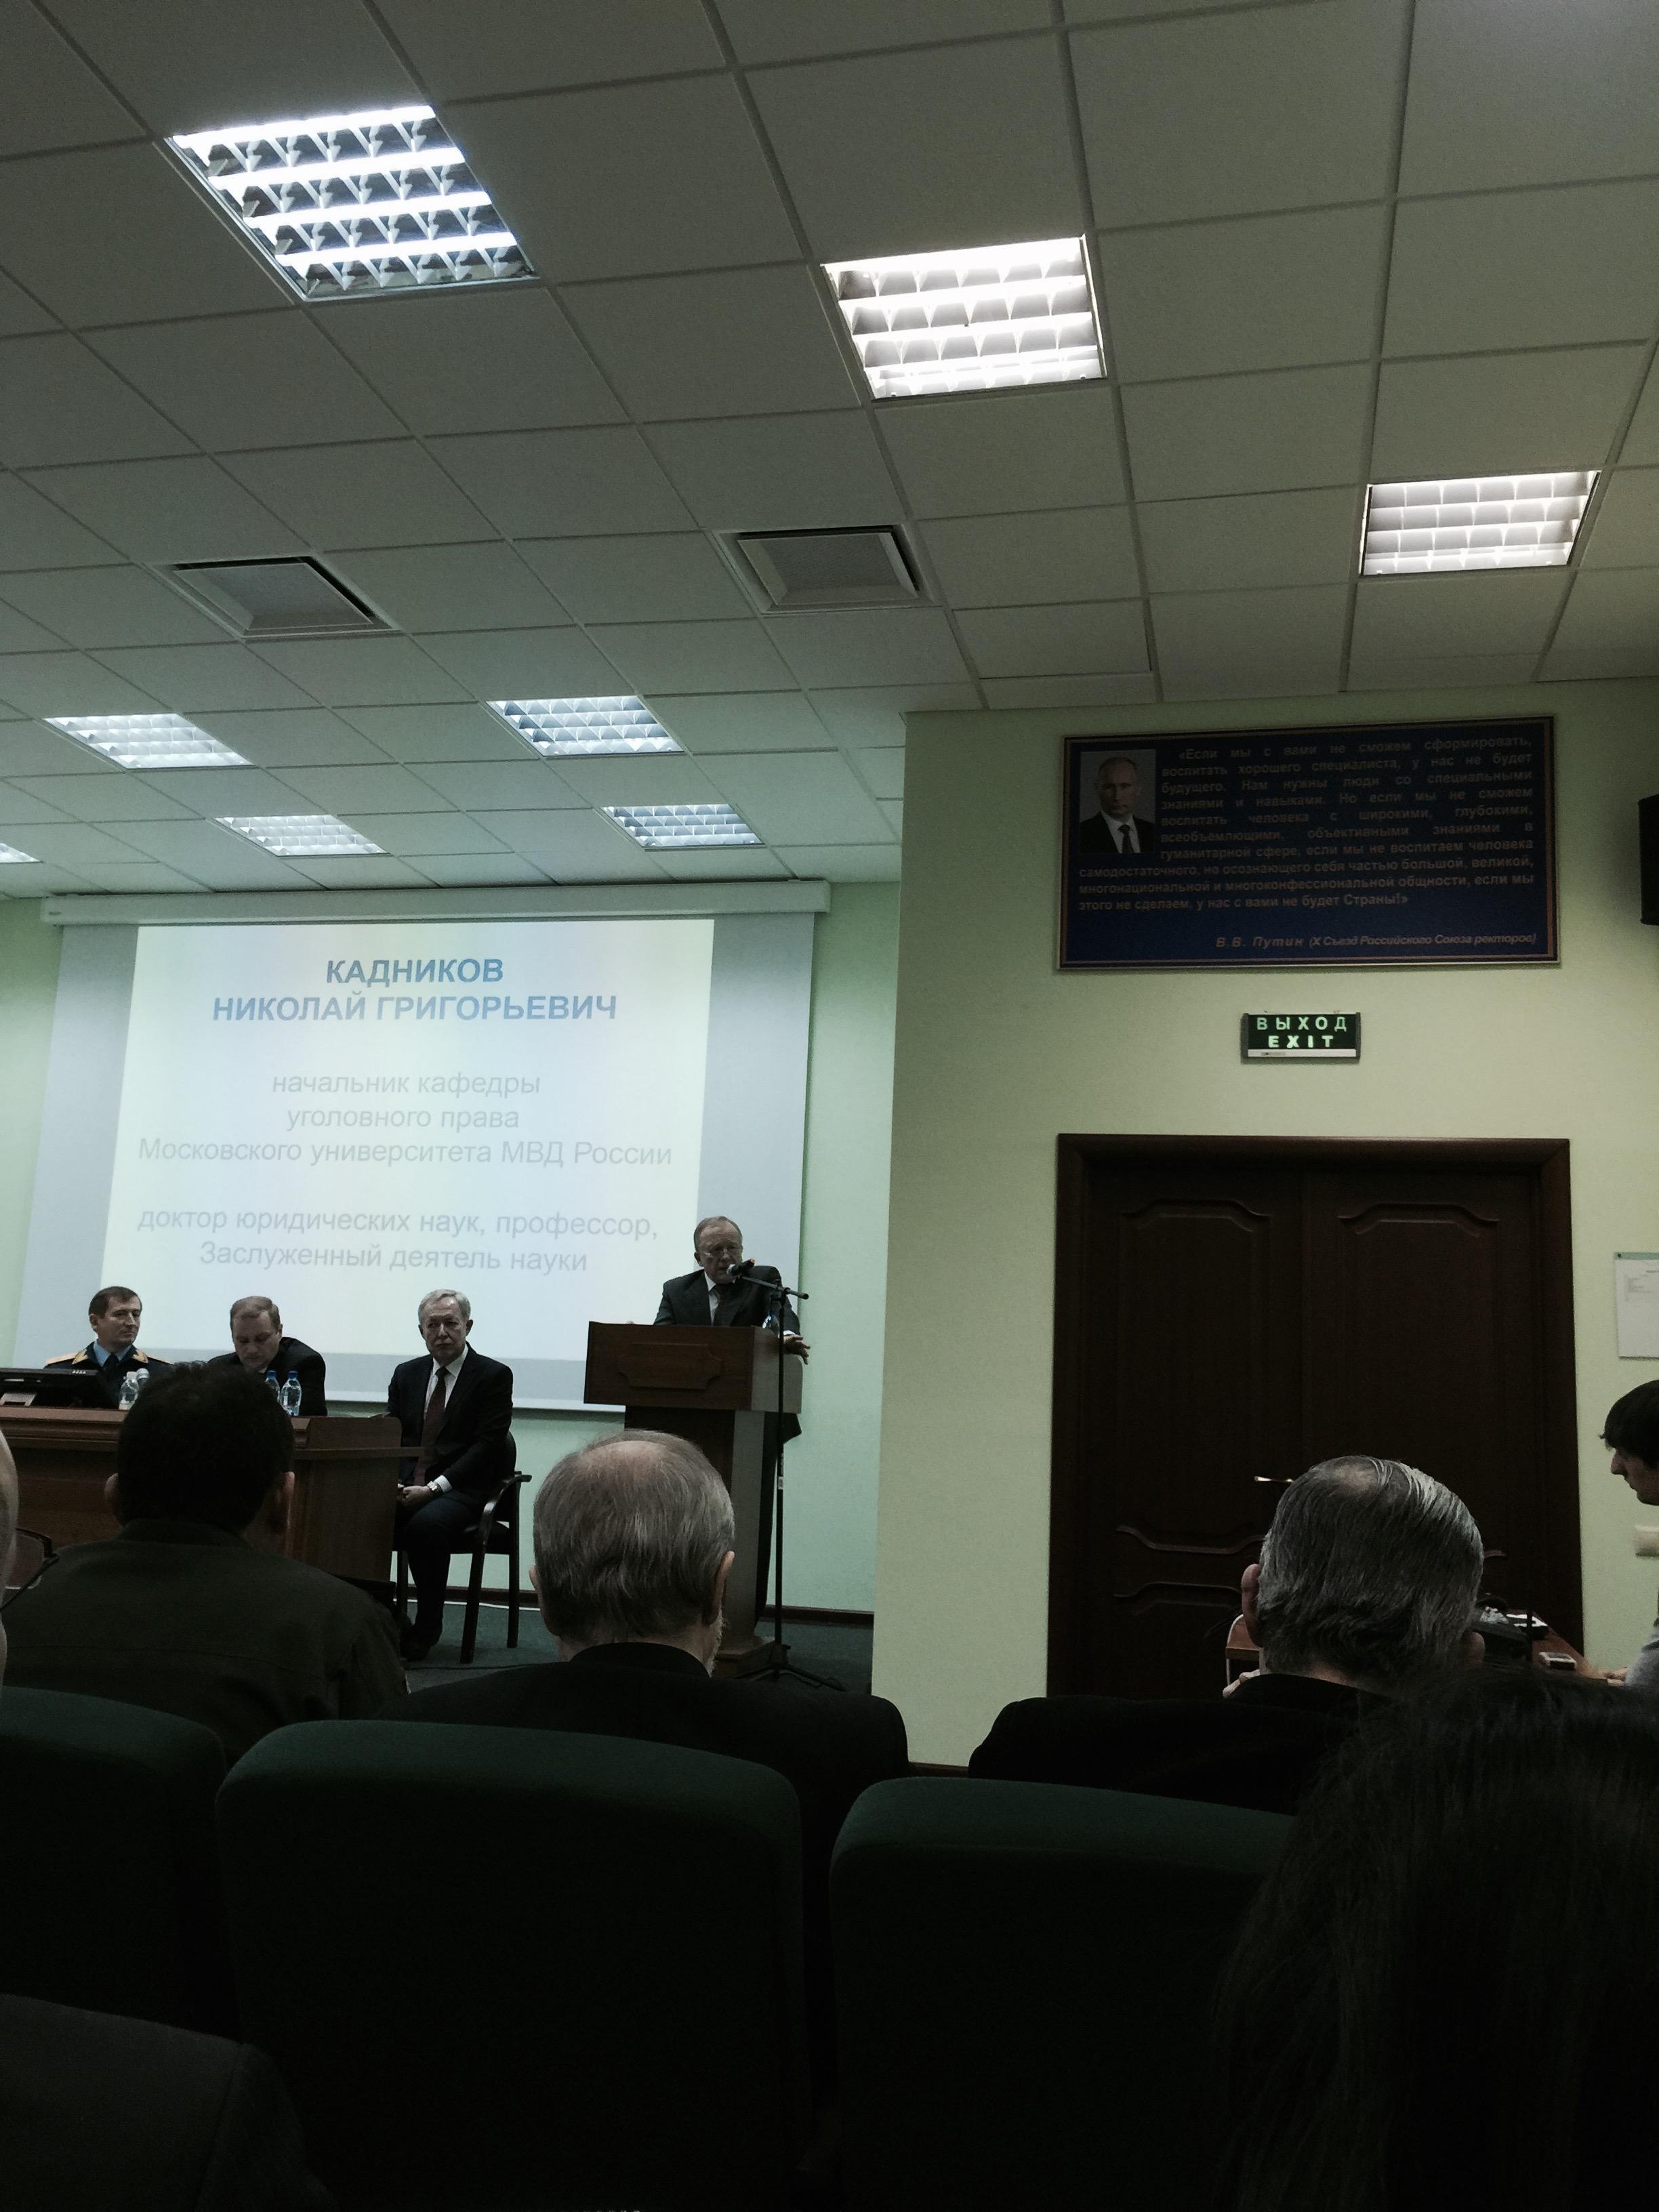 Выступление Николая Григорьевича Кадникова в Академии Следственного комитета